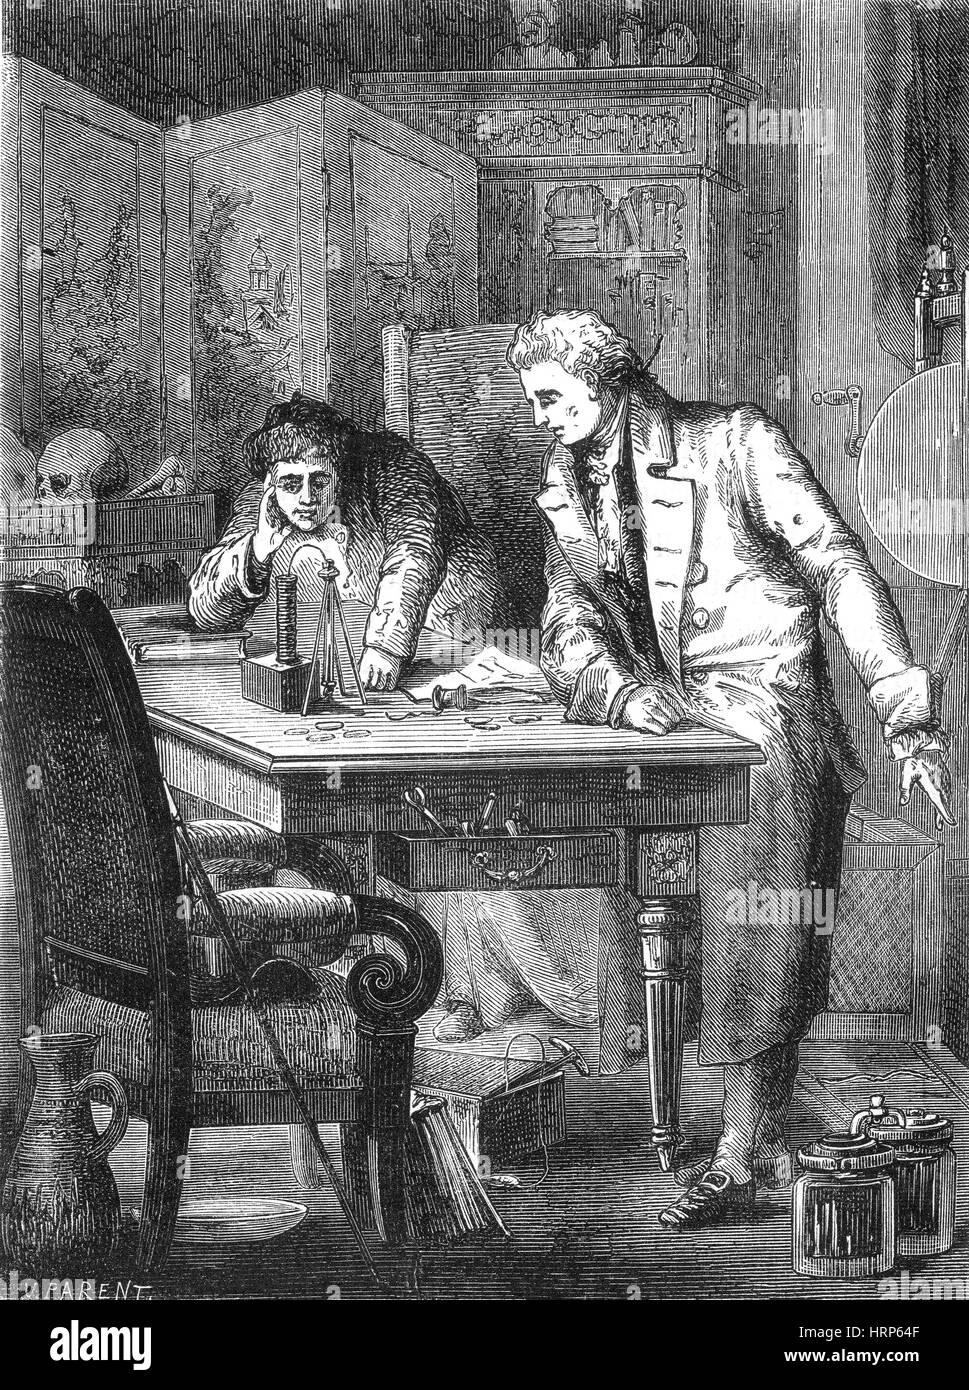 Nicholson e Carlisle scoprire l'elettrolisi, 1800 Immagini Stock